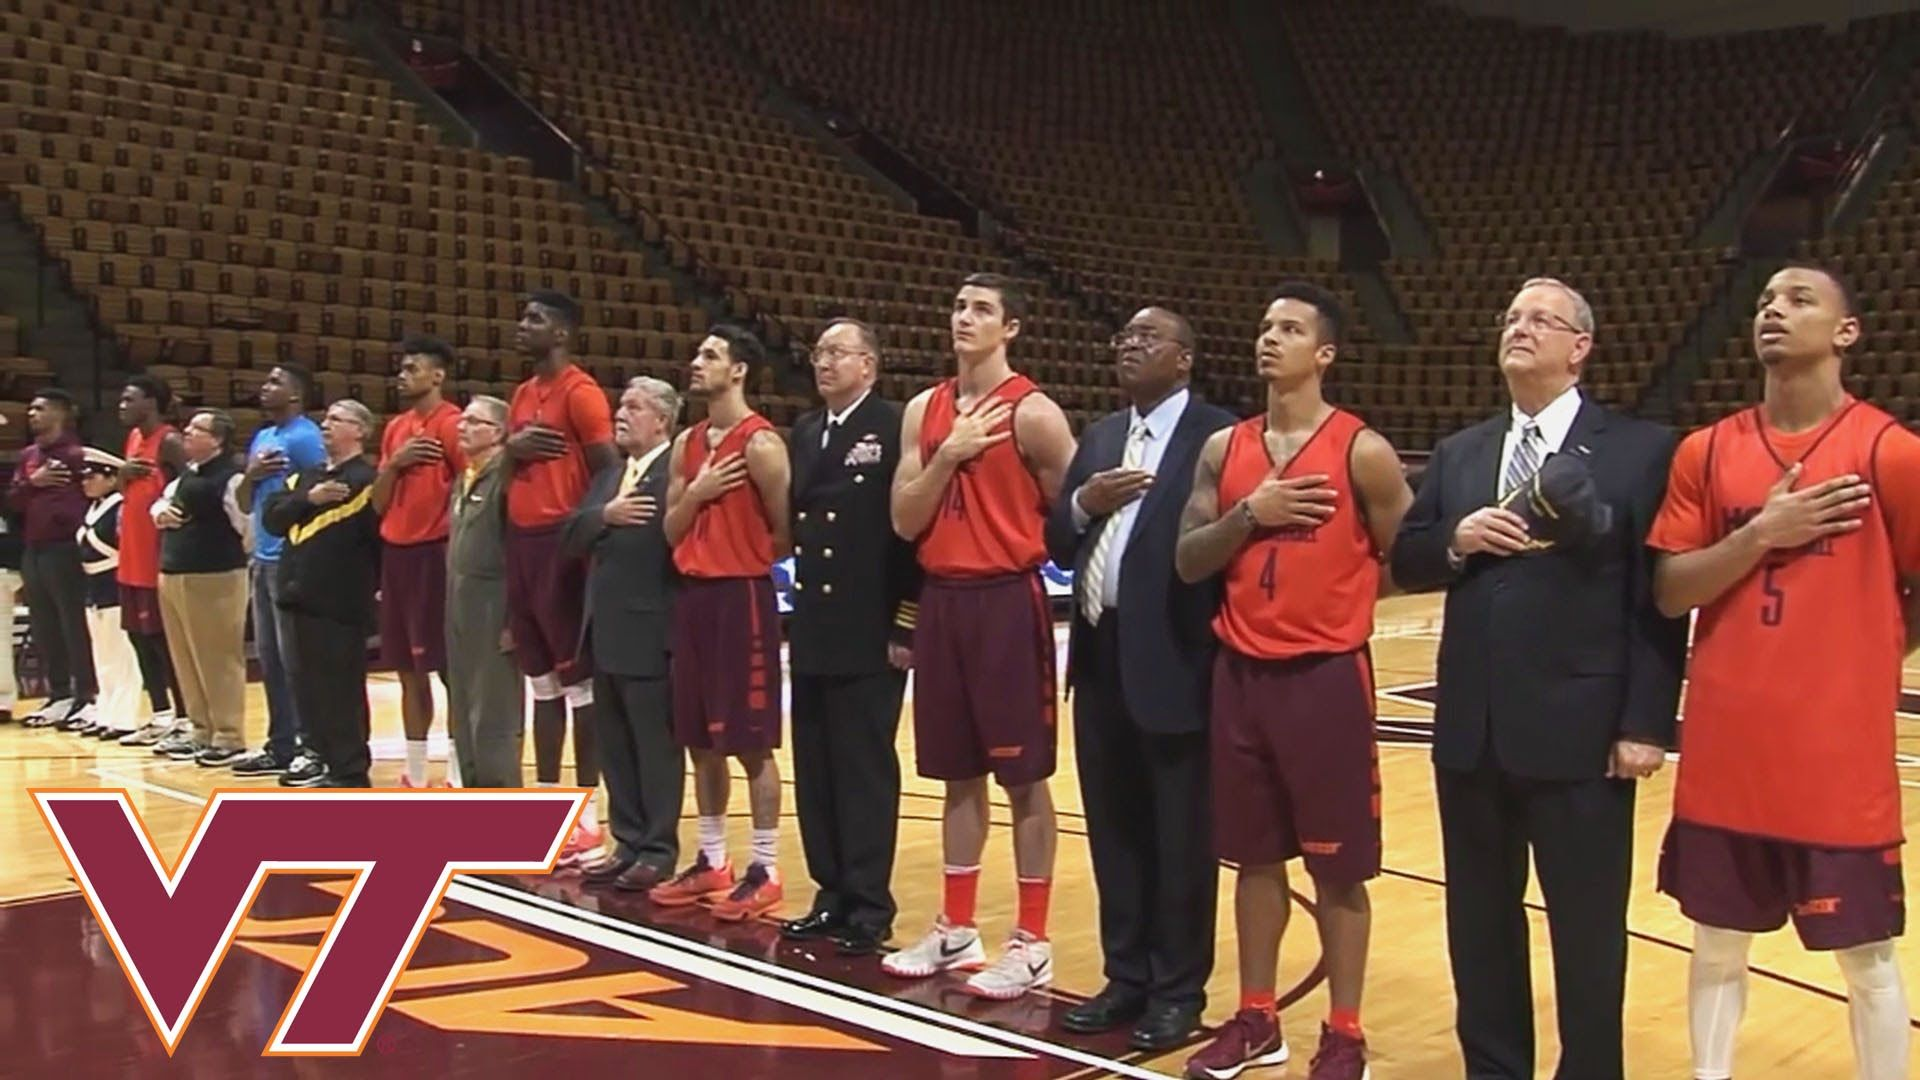 Buzz Williams and the Virginia Tech Men's Basketball team